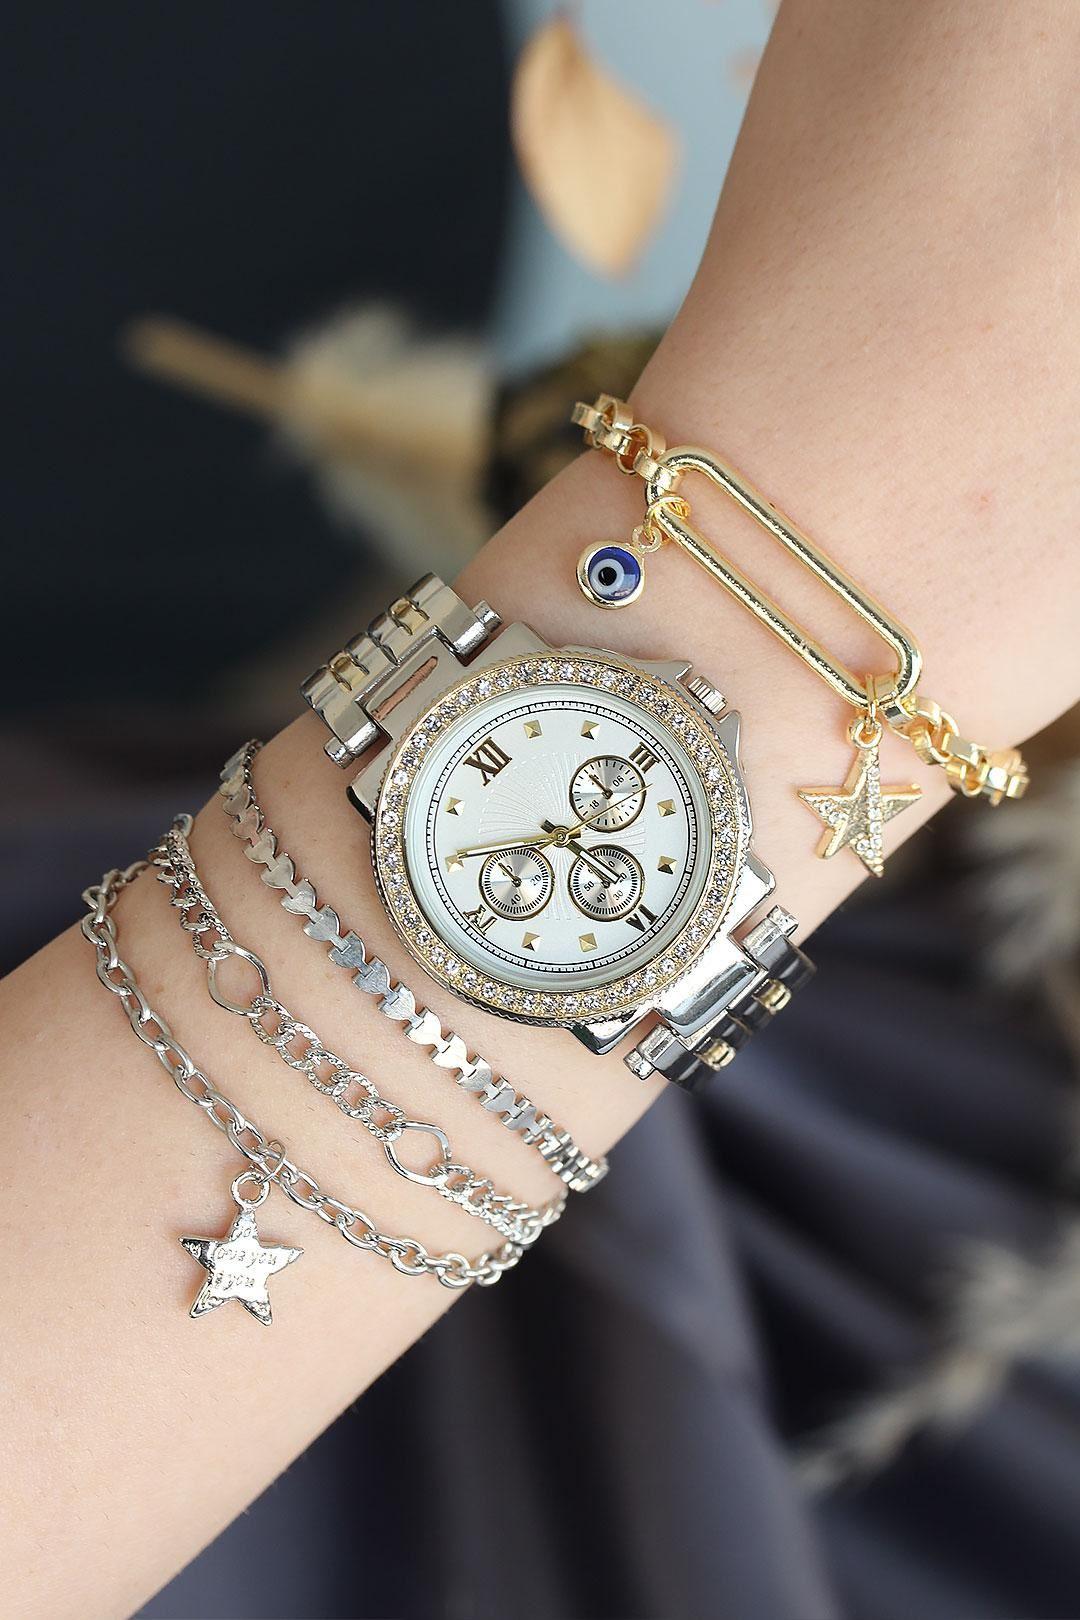 Roma Rakamlı Gümüş Altın Renk Metal Taşlı Kasa Kadın Saat ve Bileklik Kombini